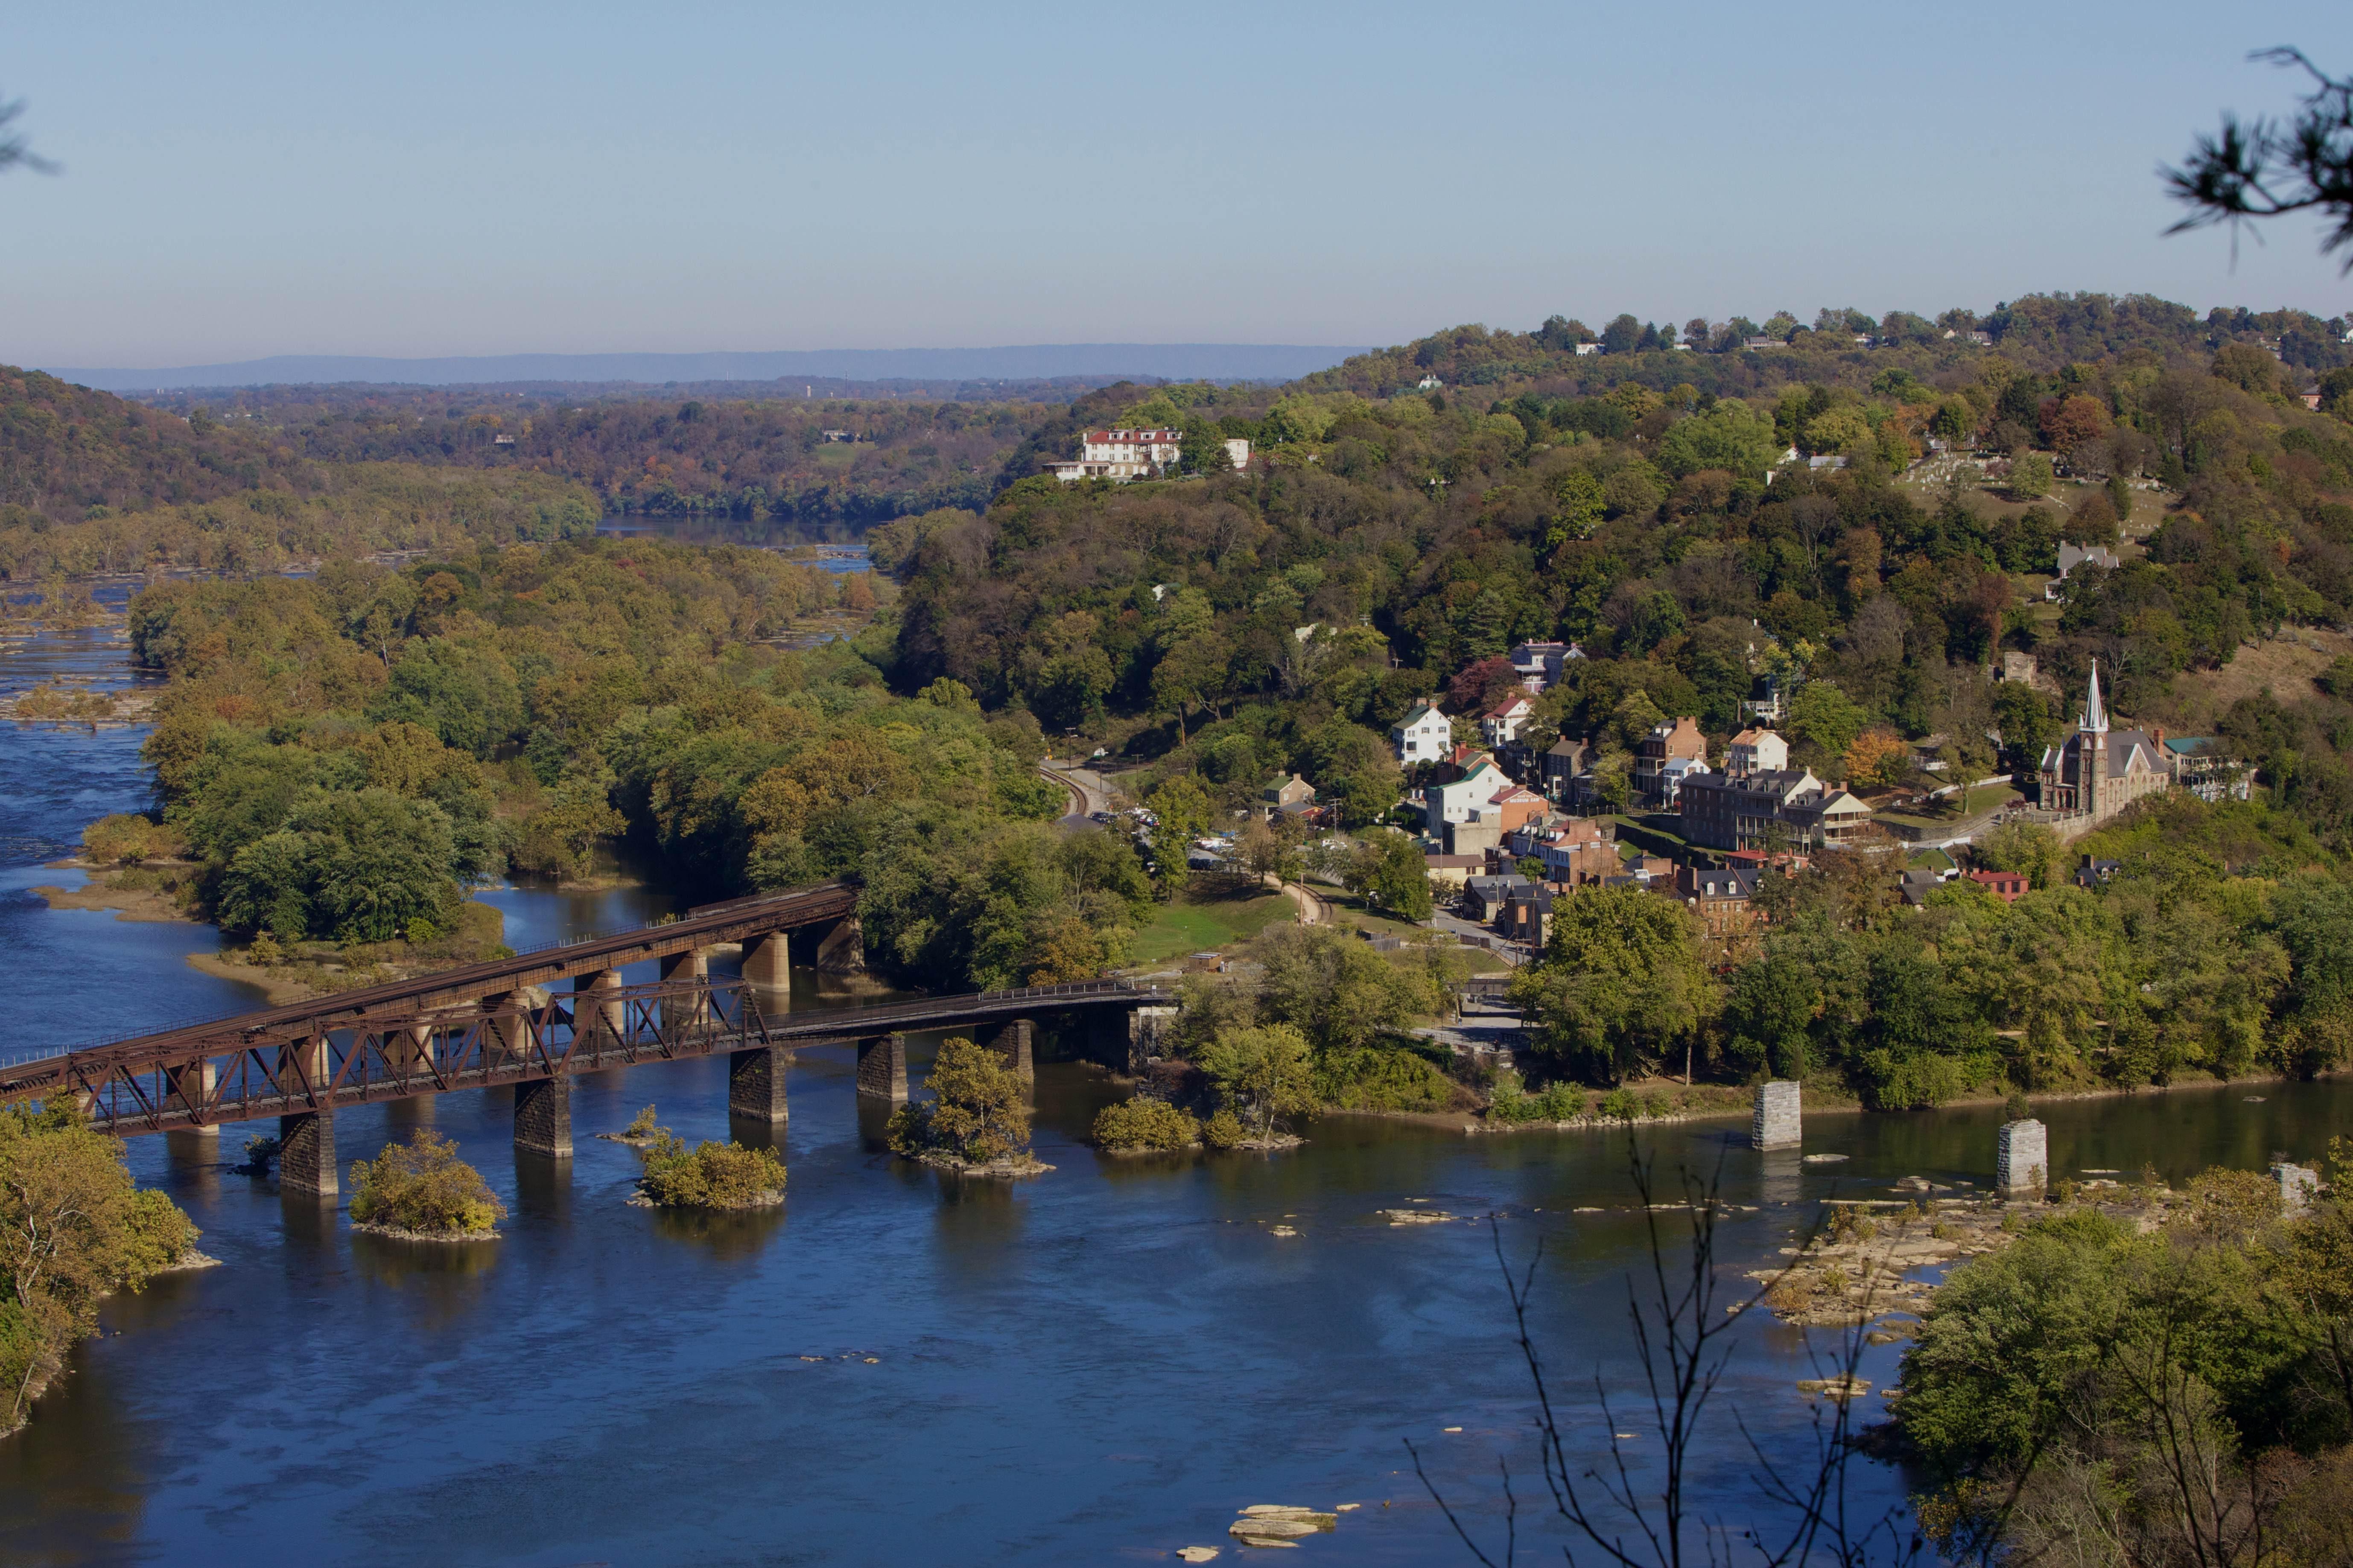 Free photograph; bridge, buildings, facilities, structures, river, autumn